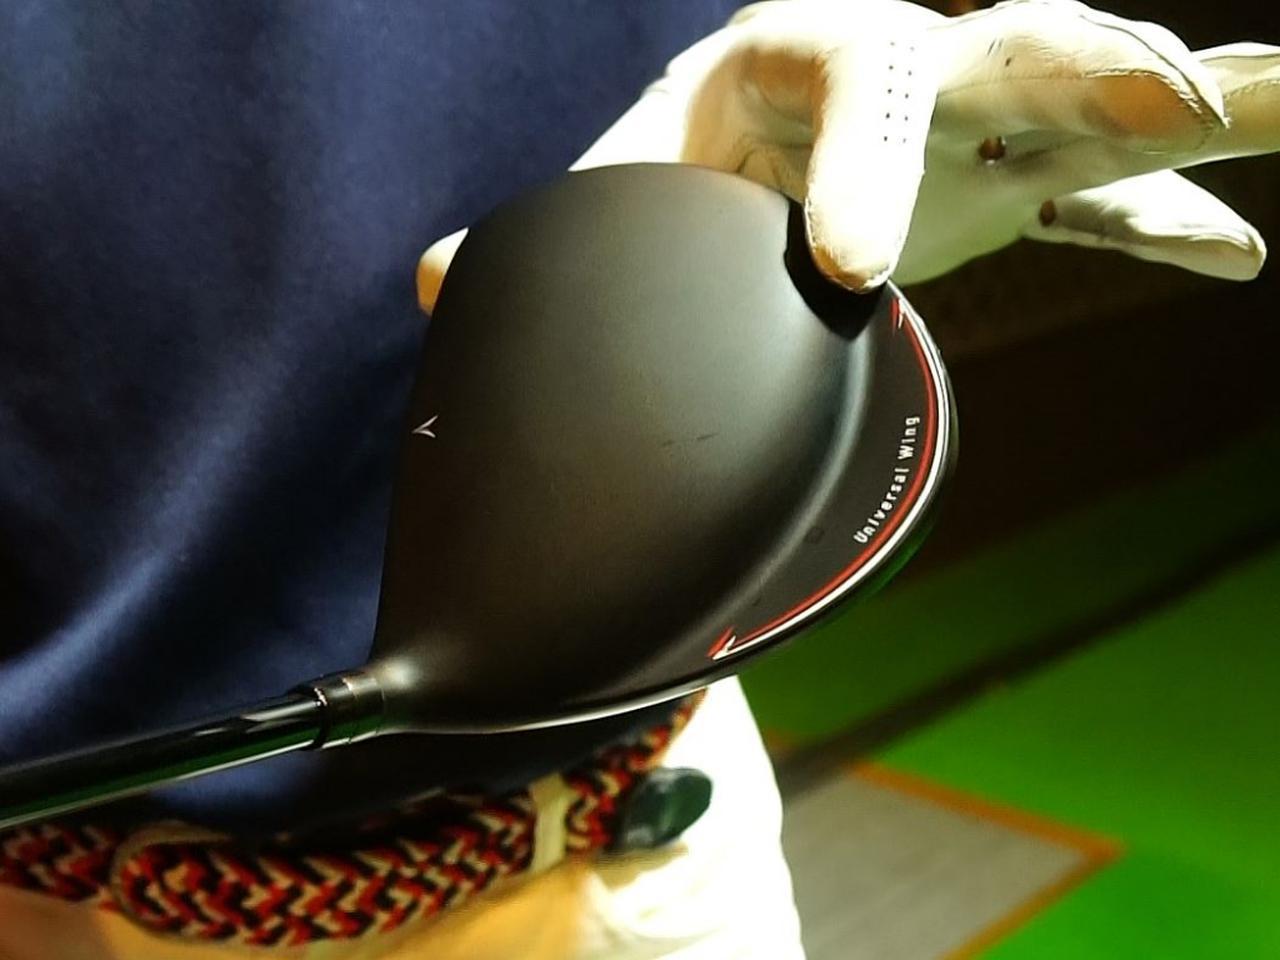 画像: ヘッド自体はかなり小ぶりだが、後方のウェート部分があることで投影面積は大型ヘッド並み